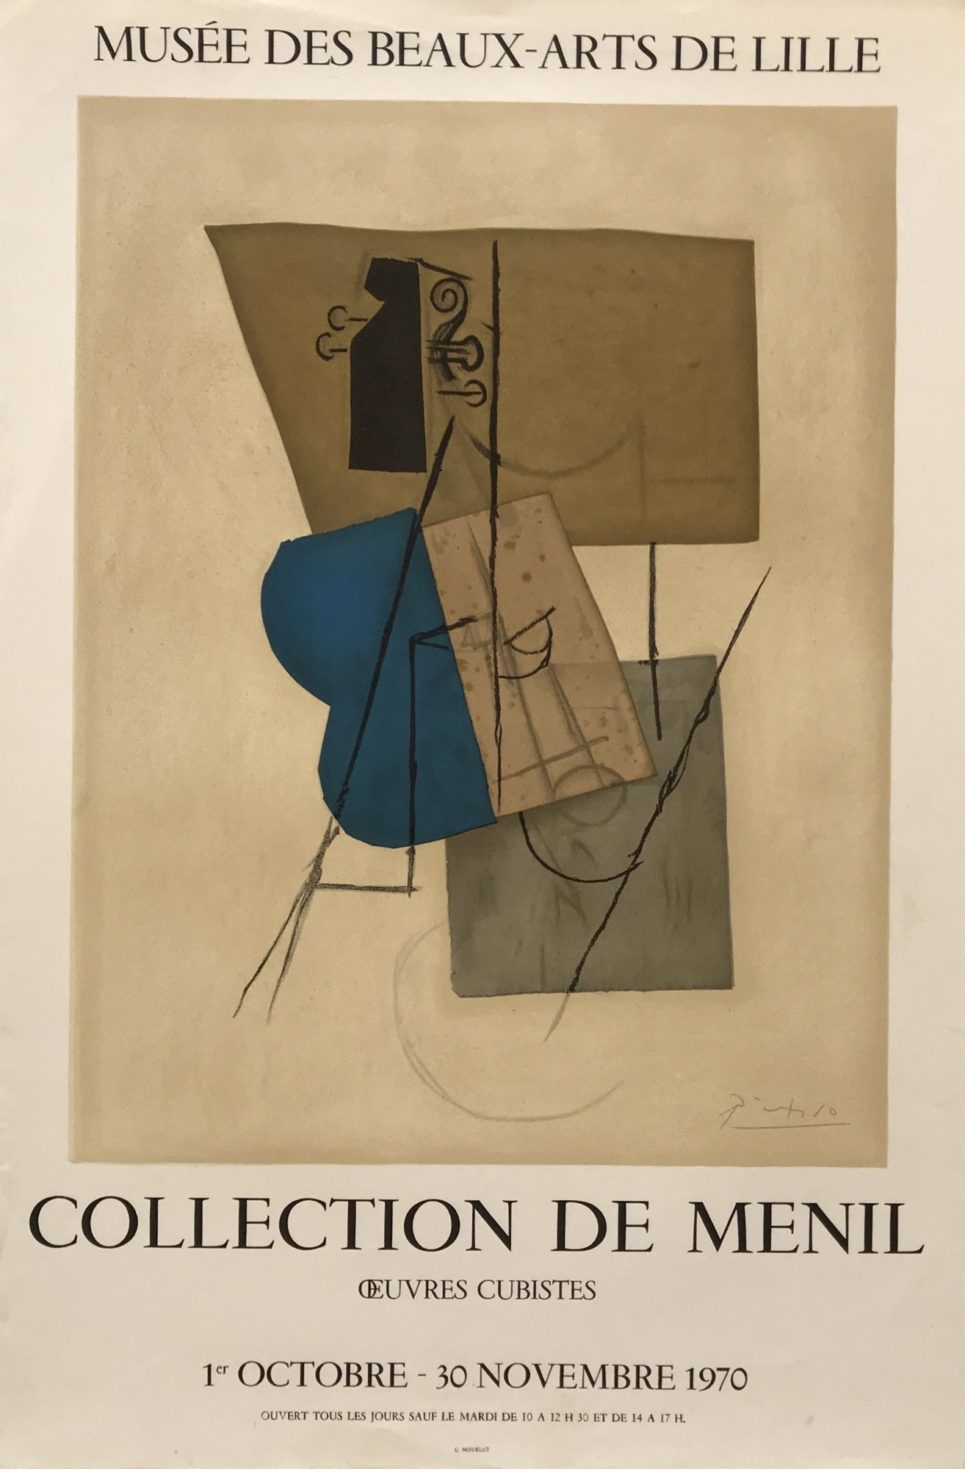 pablo-picasso-collection-de-menil-oeuvres-cubistes